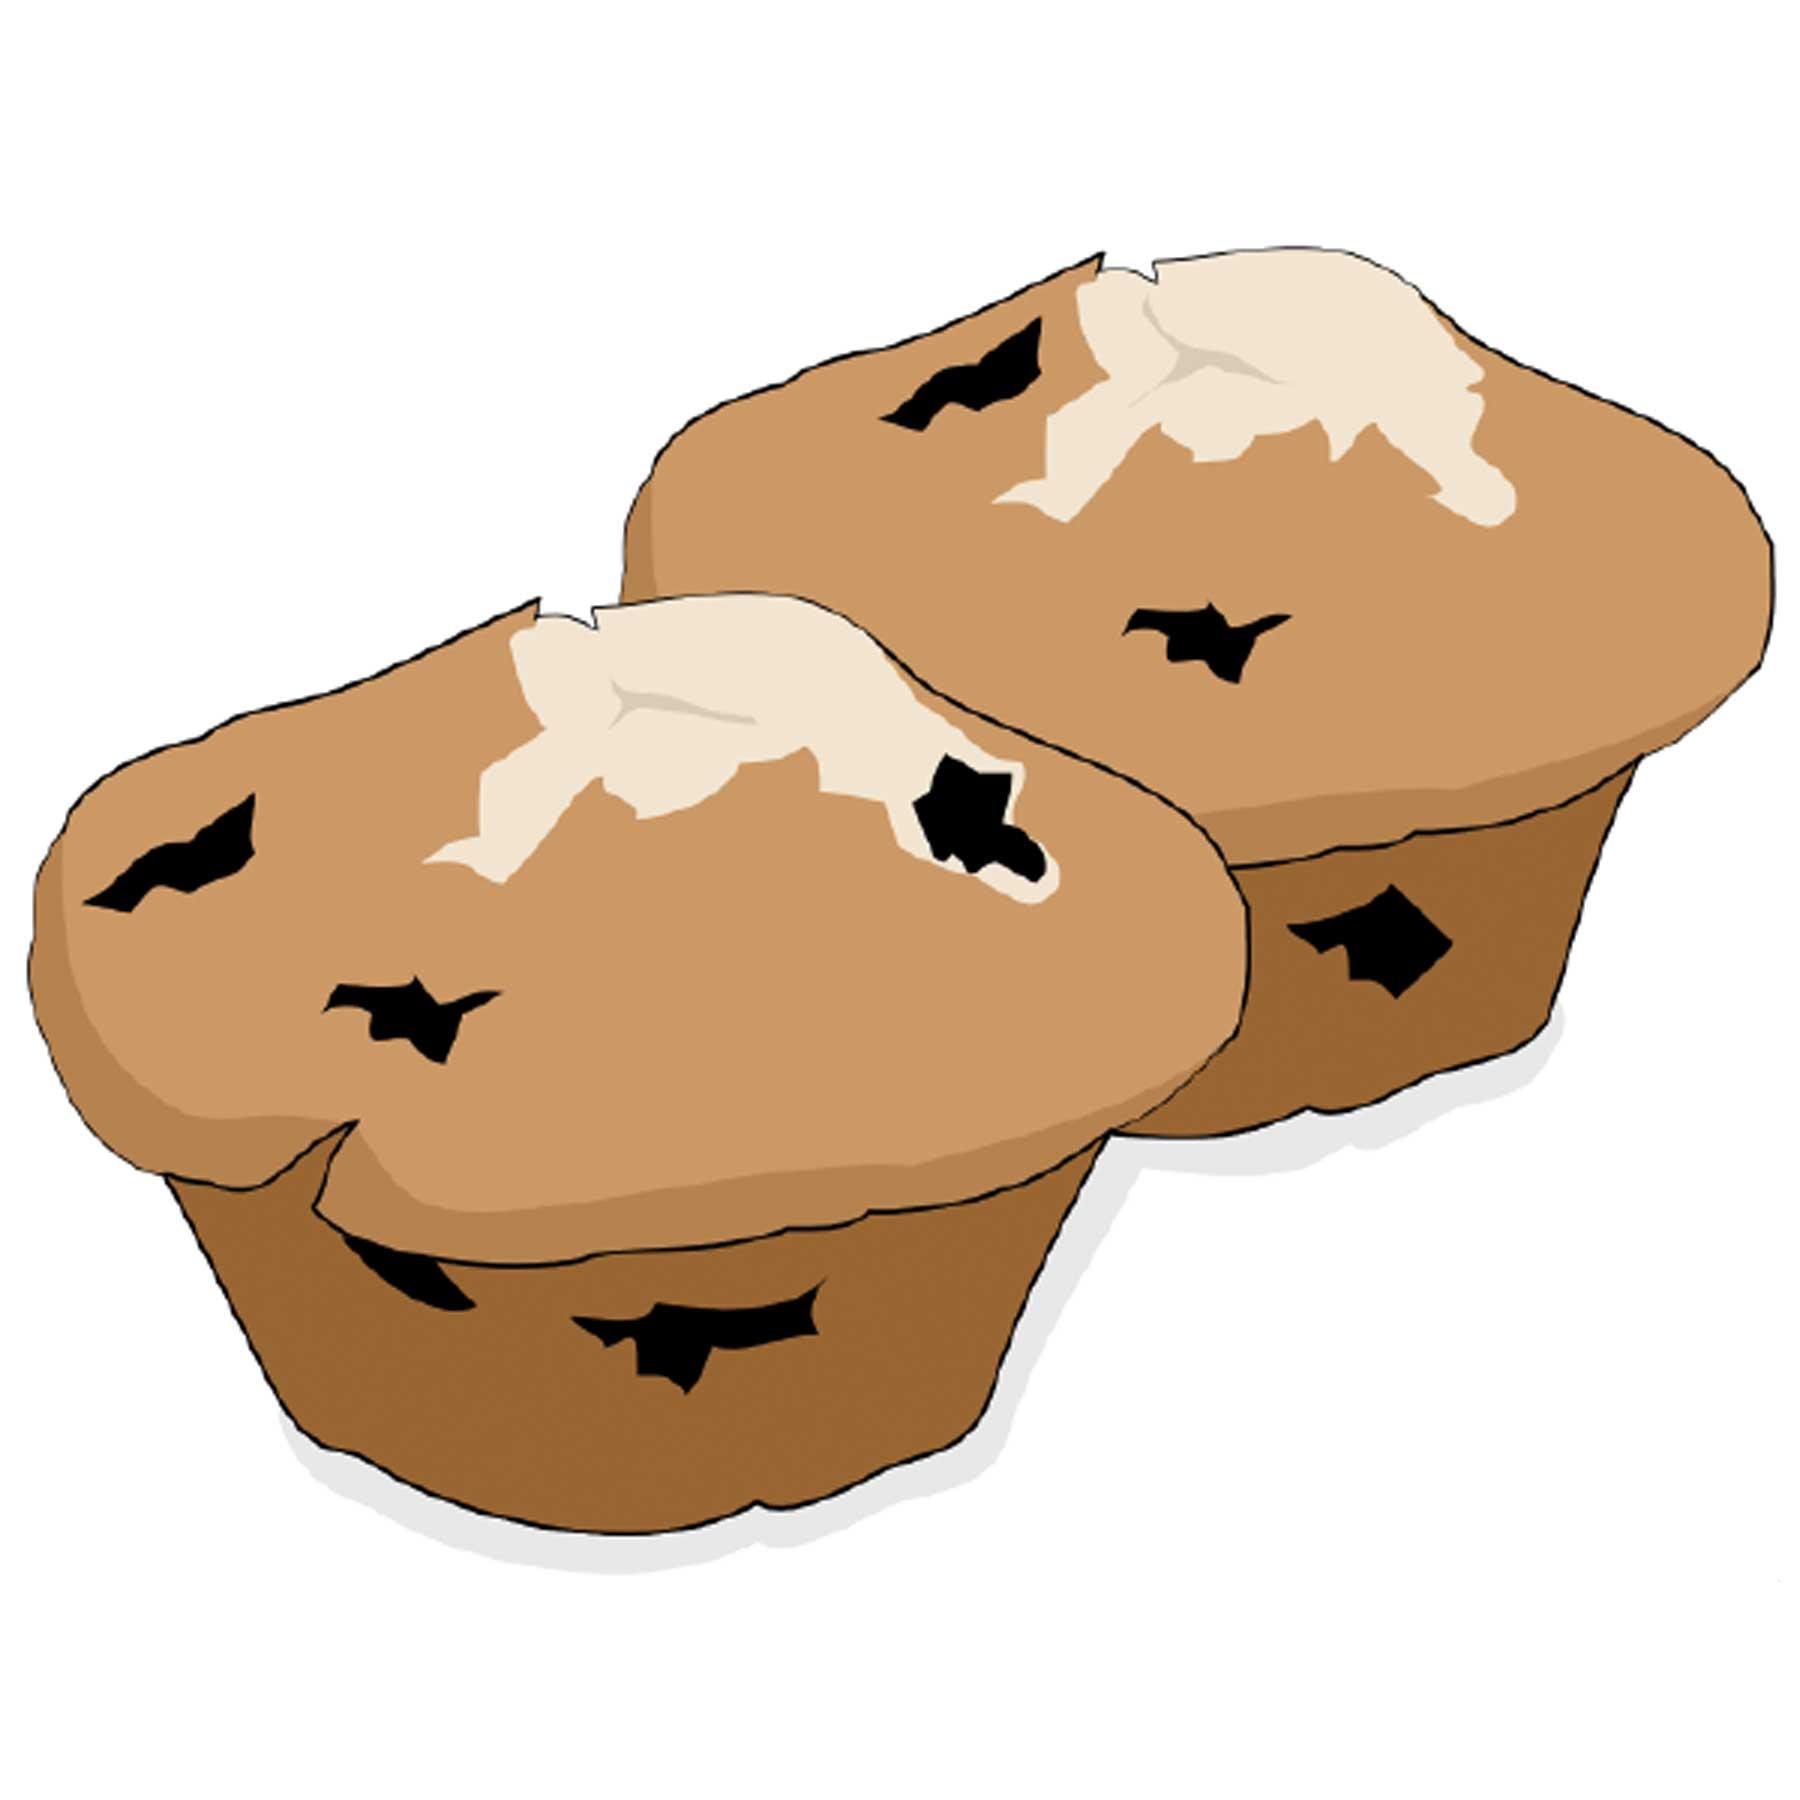 Zwei Muffins im Clipart-Style